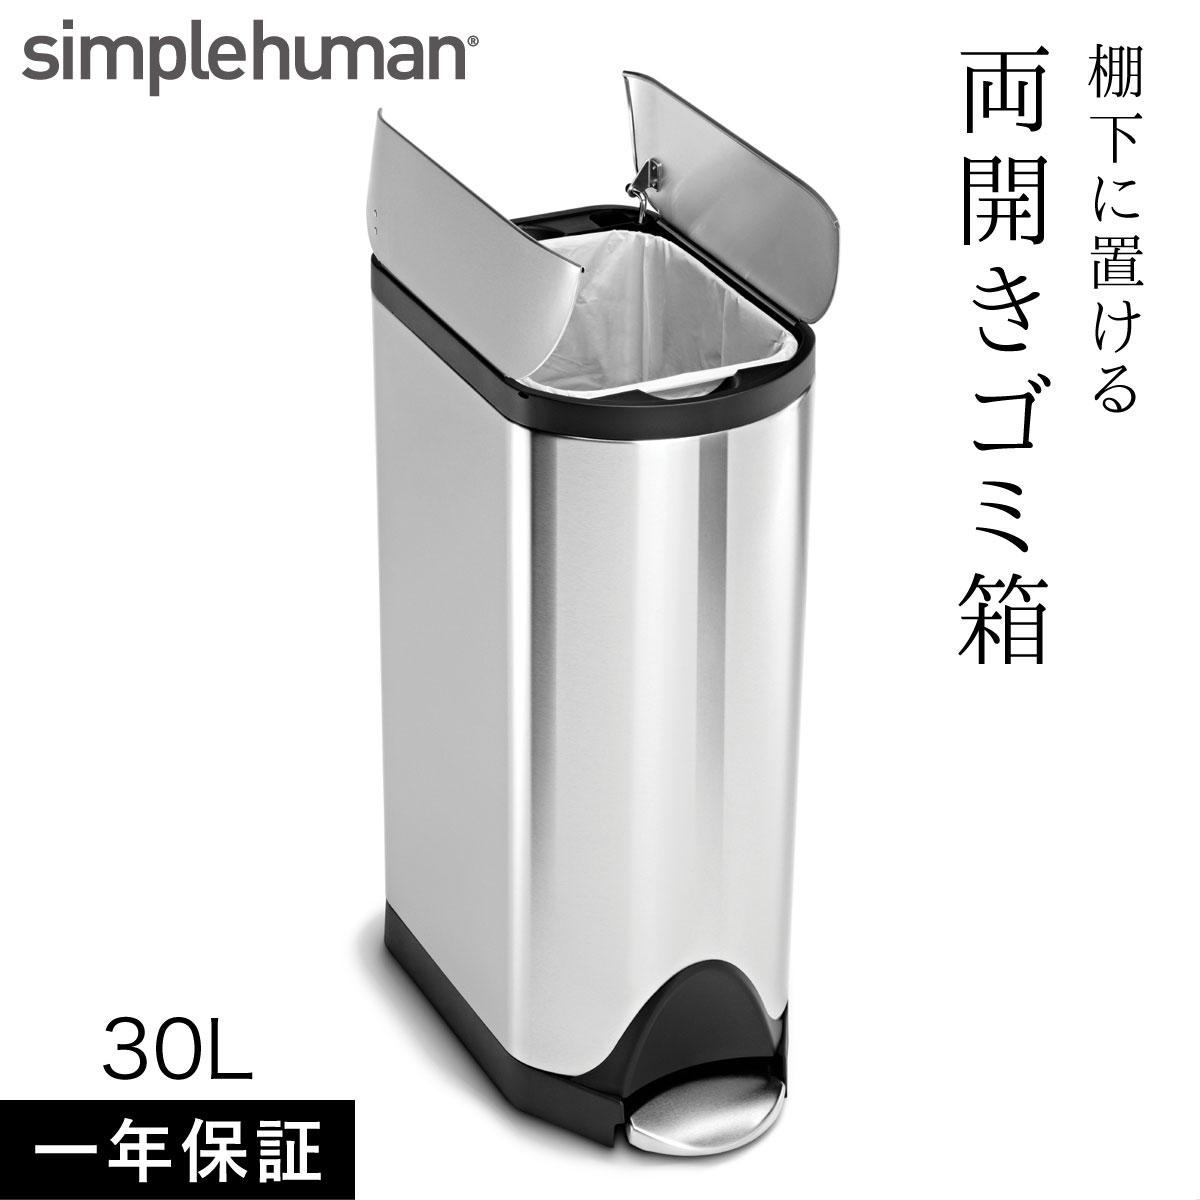 【最大10%OFFクーポン】simplehuman シンプルヒューマン ゴミ箱 ごみ箱 分別 両開き バタフライステップカン 30L 00122 メーカー直送 返品不可